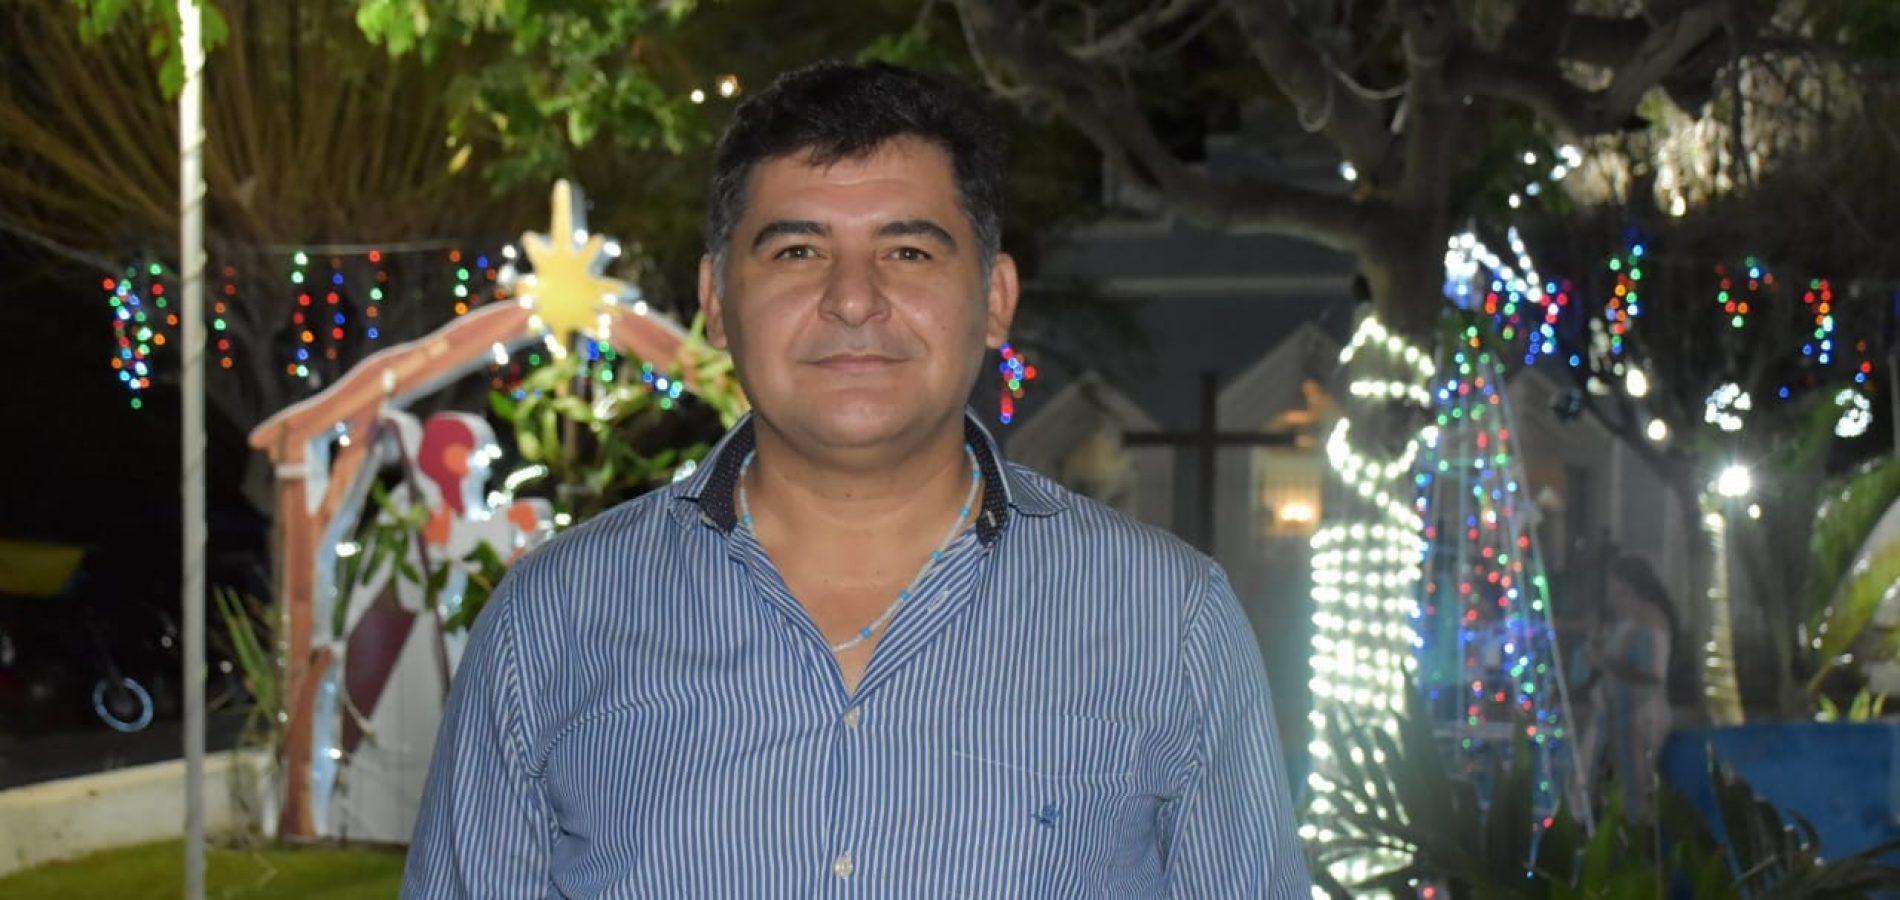 SÃO JULIÃO   Prefeito Dr. Jonas emite decreto e prorroga suspensão de aulas e eventos